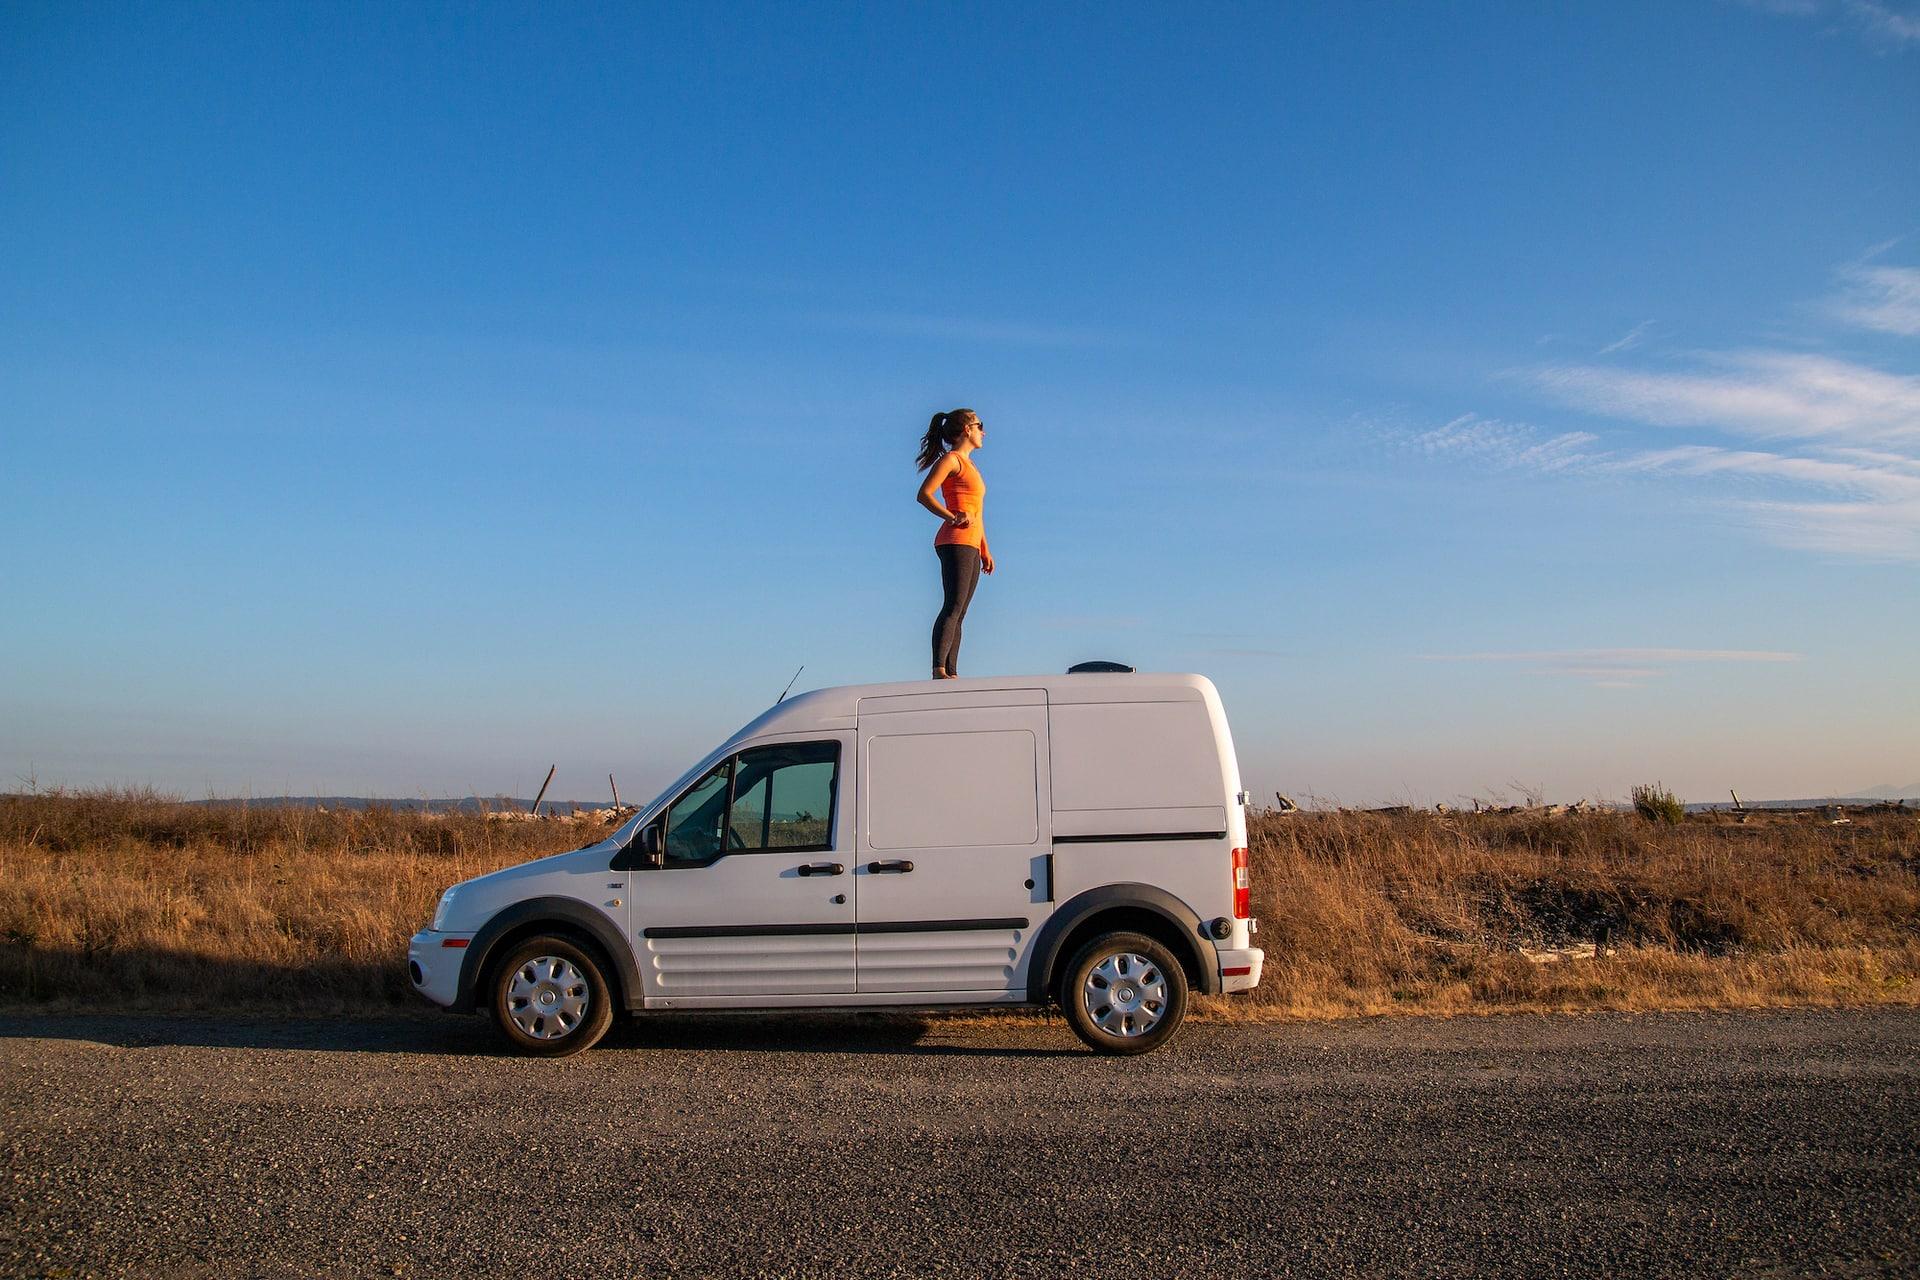 Laura-Hughes-standing-on-van.jpg